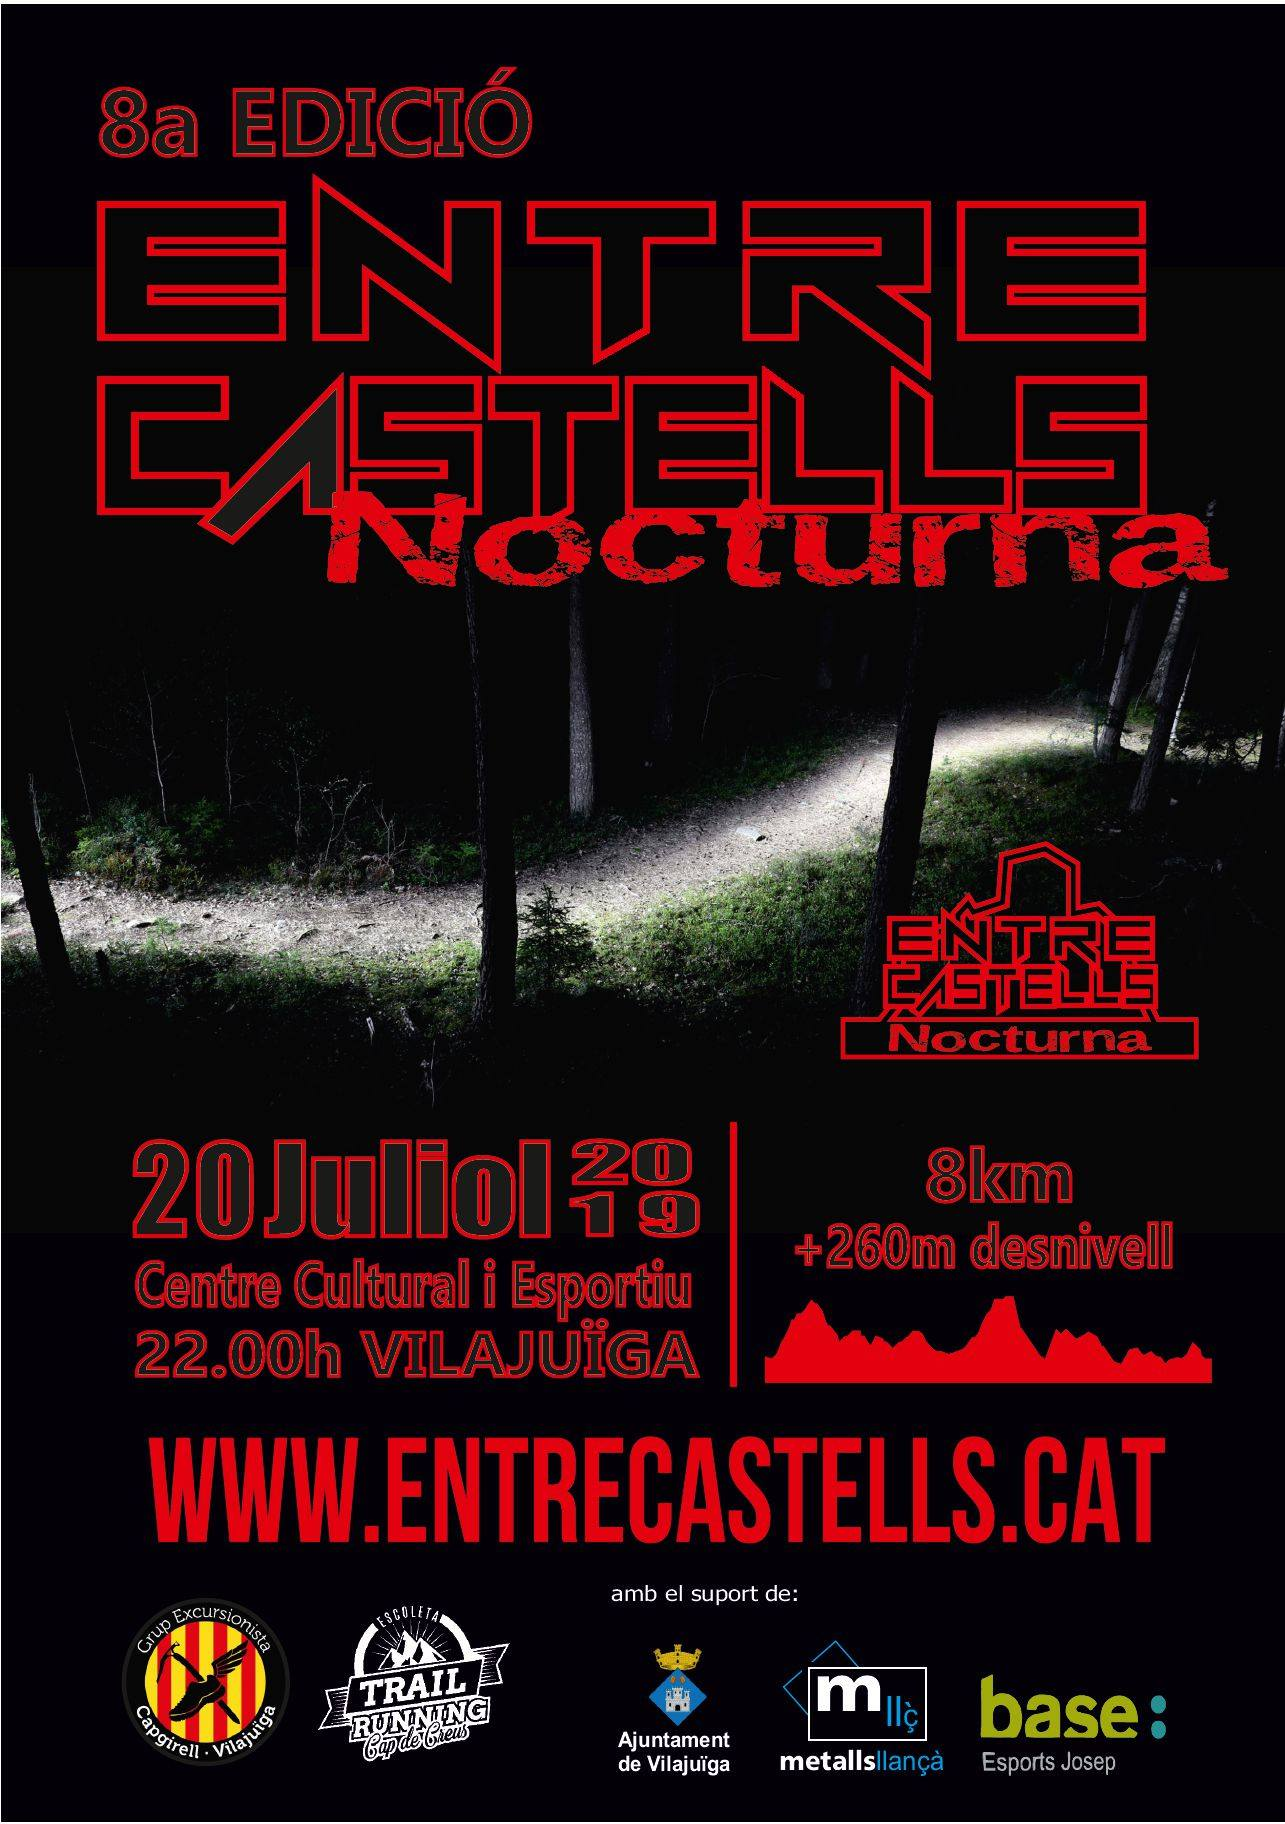 8a edició Entre Castells Nocturna a Vilajuïga